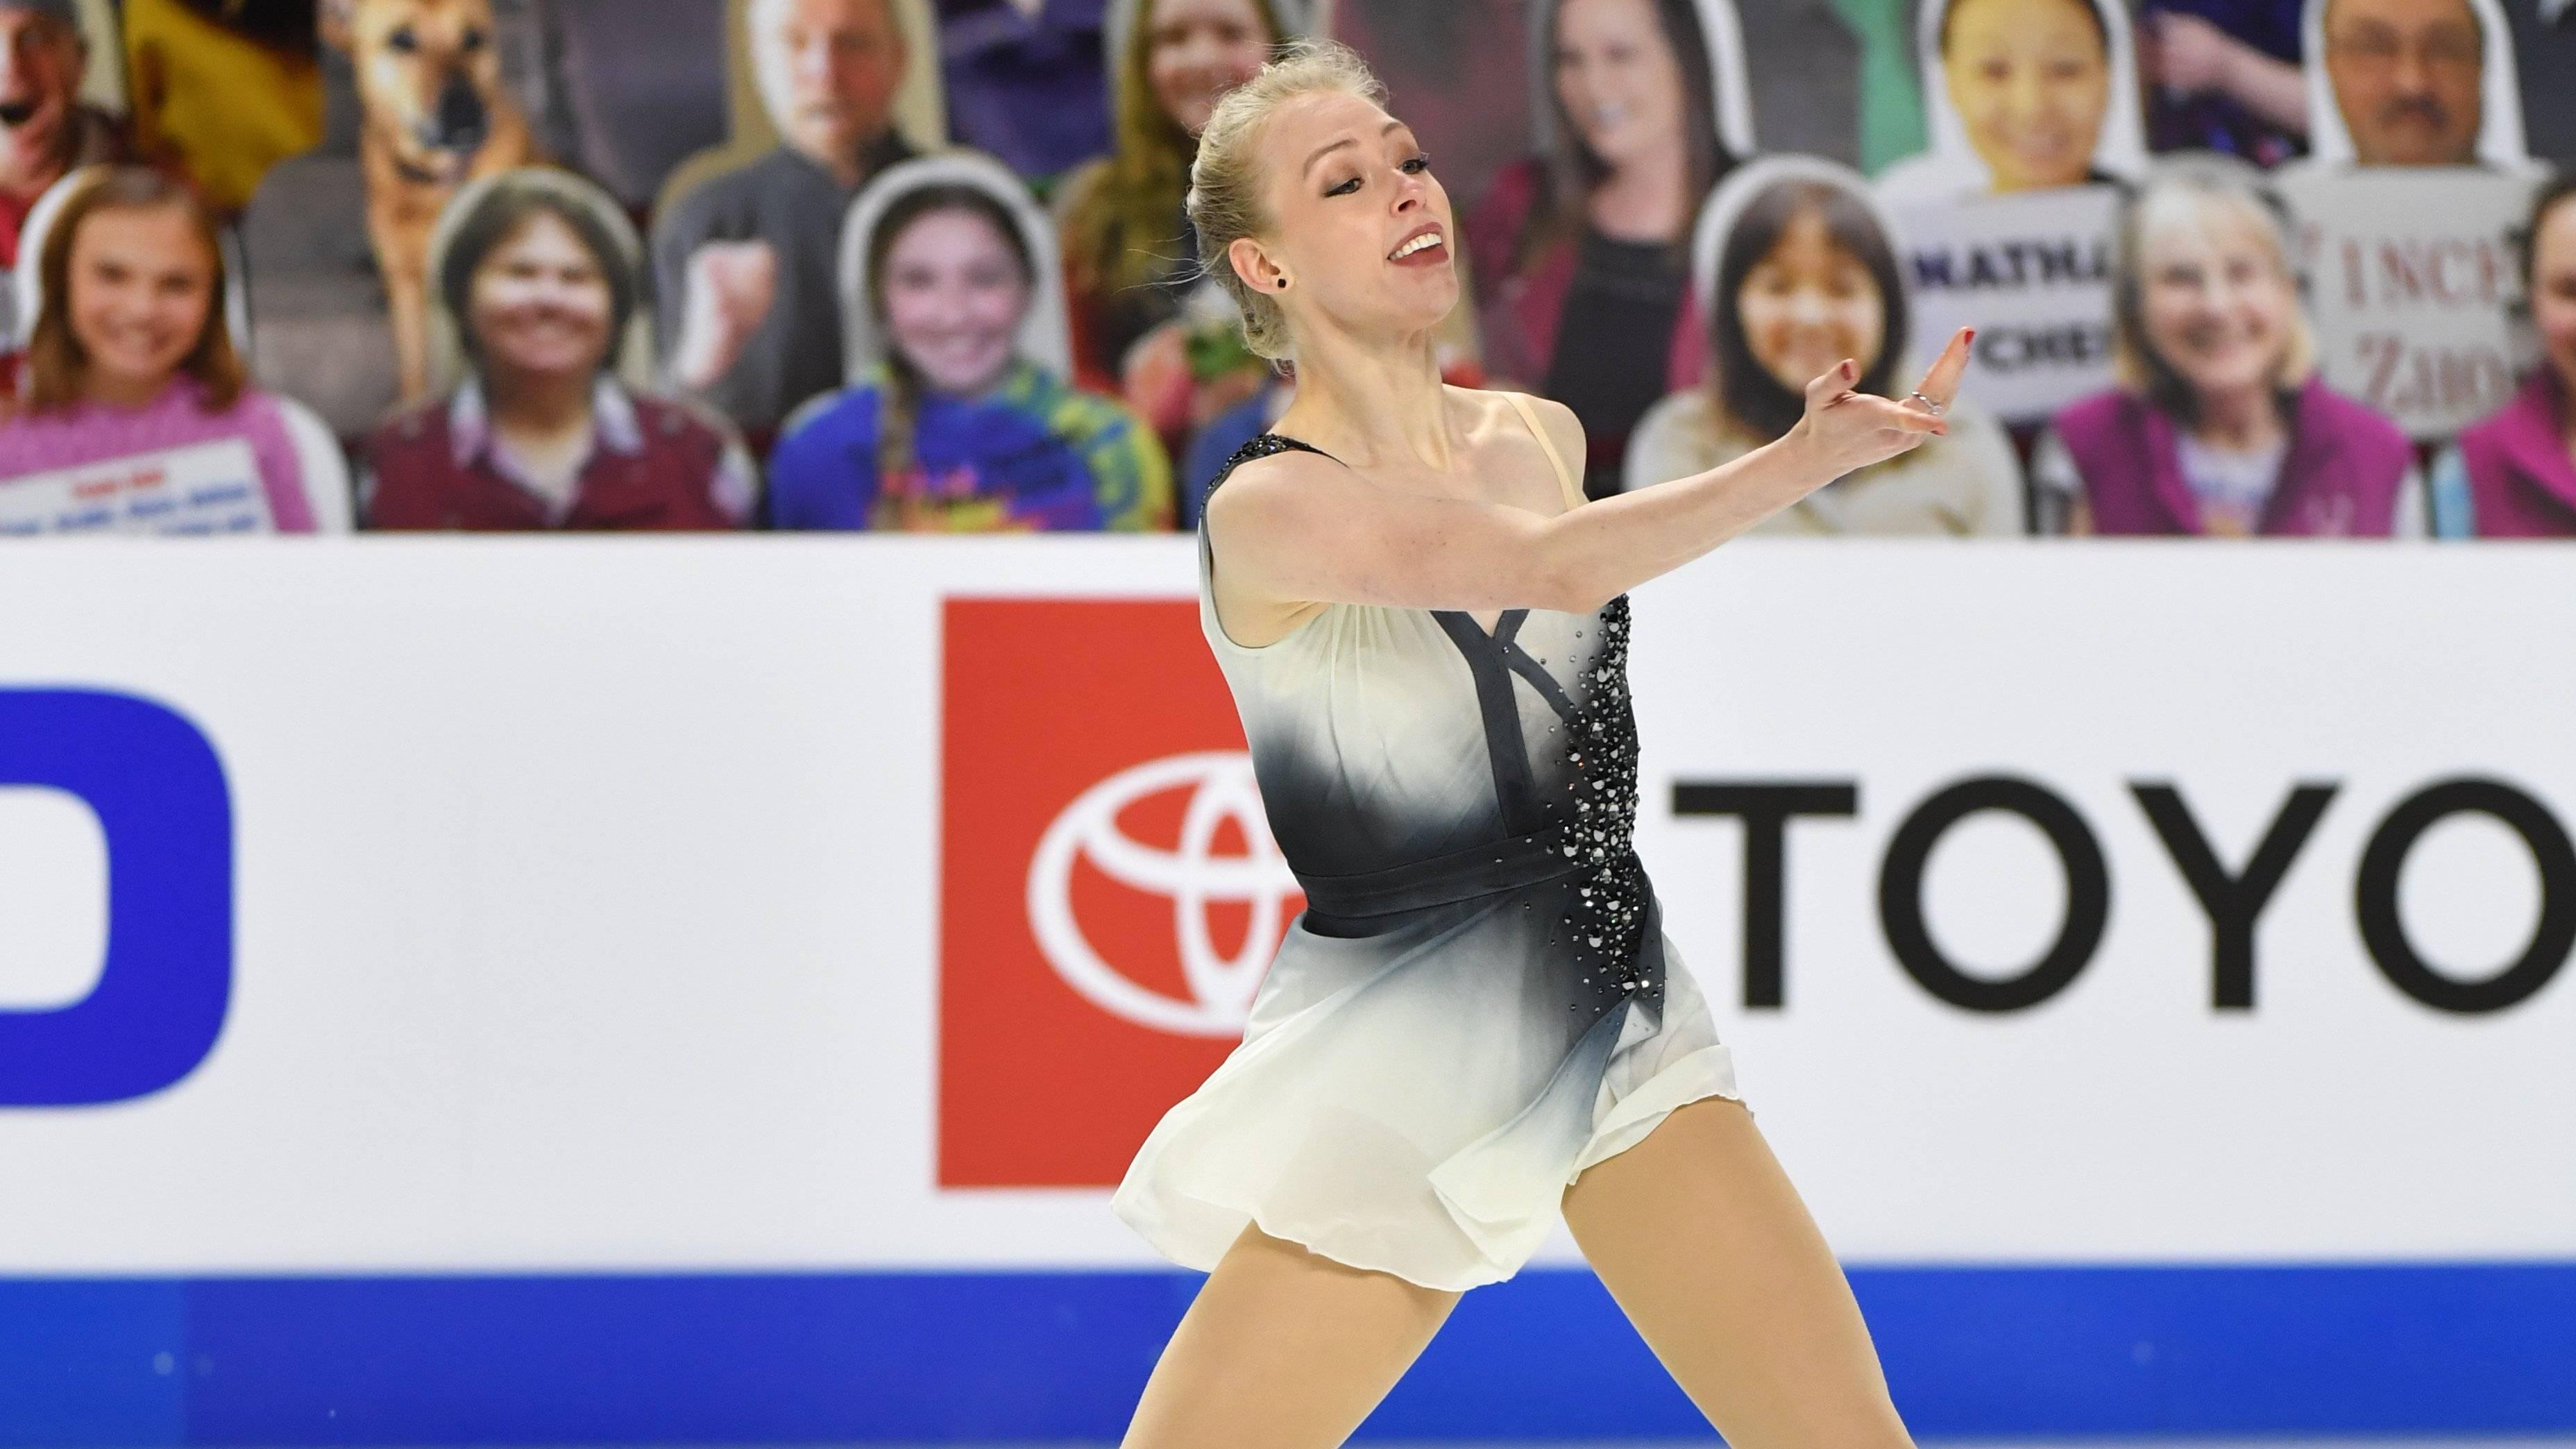 花滑全美锦标赛女单谭内尔超高分夺冠 刘美贤崩盘列第四